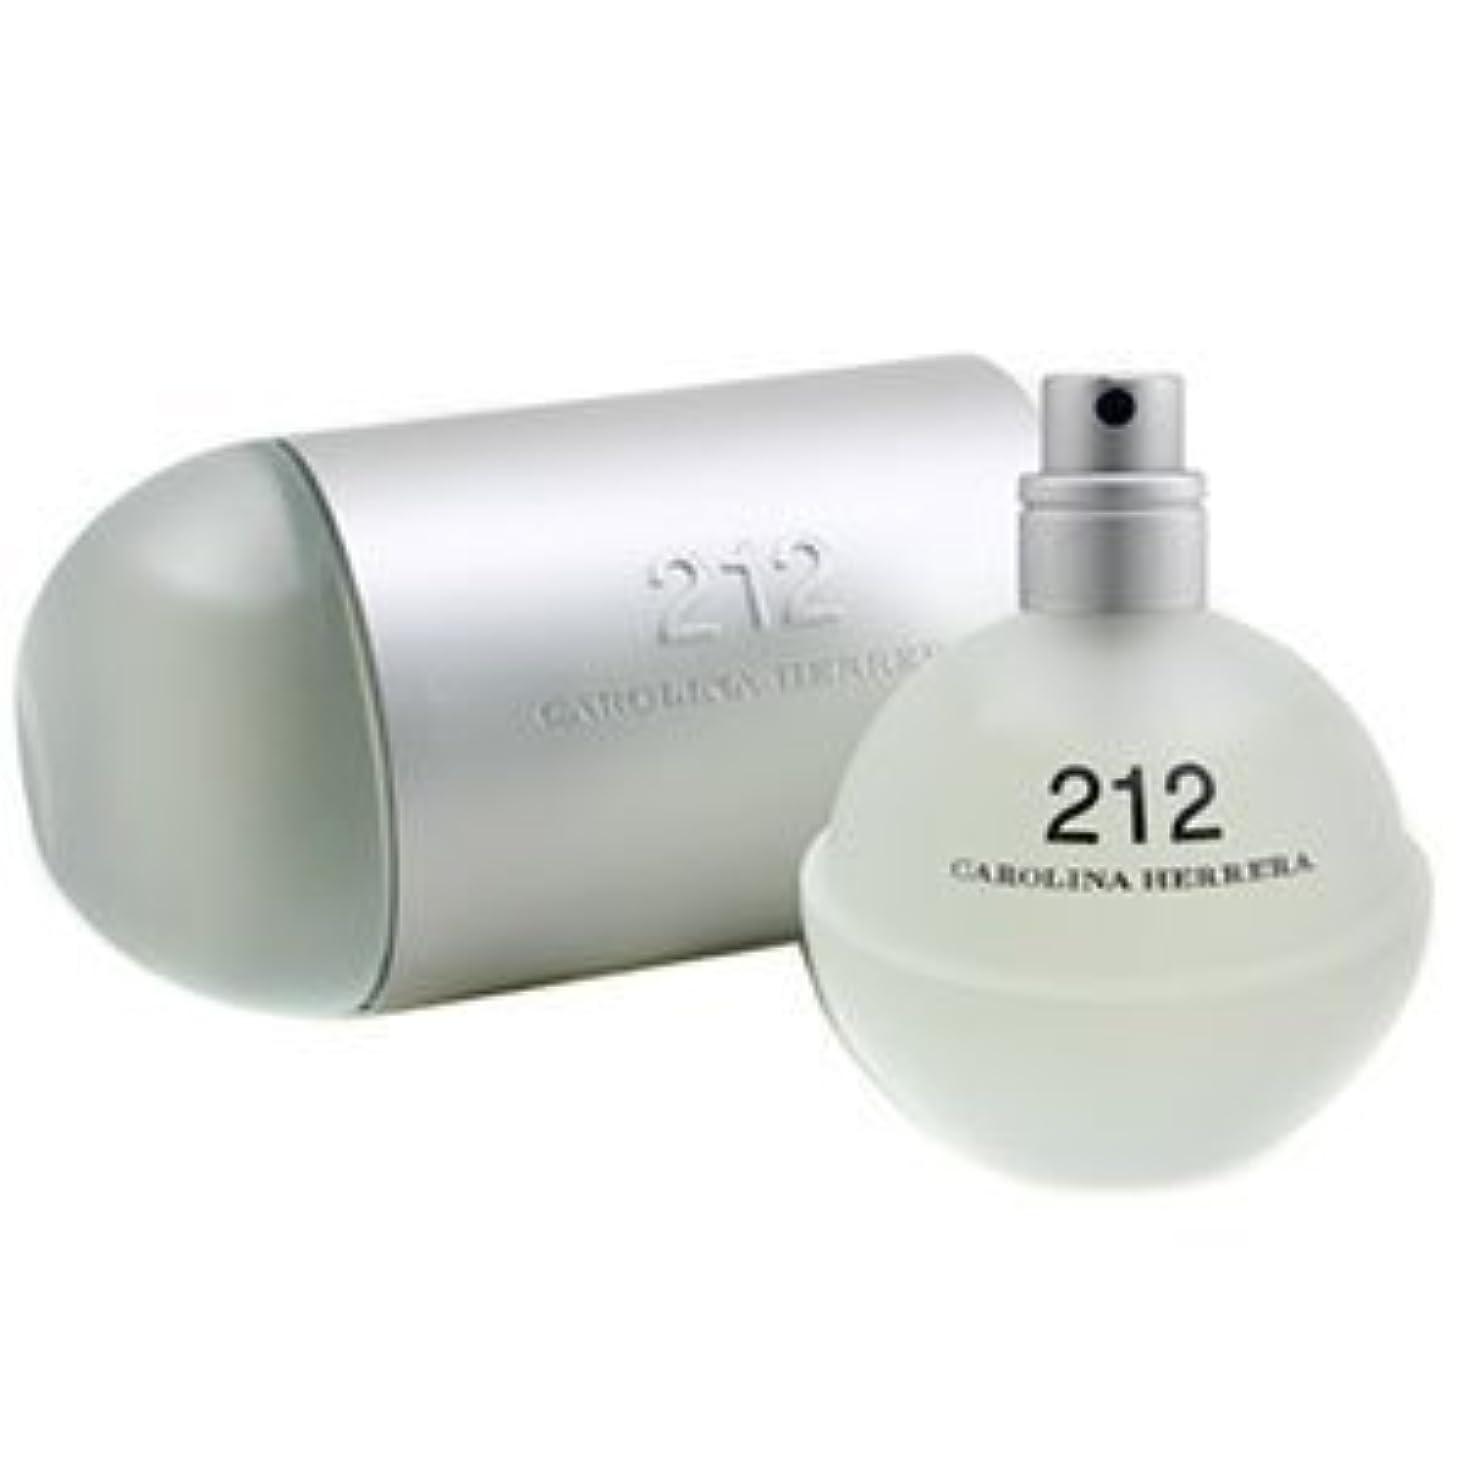 野心的バスルーム涙が出るキャロライナ ヘレラ 香水 212 EDT SP 60ml ( 30ml ×2) 【並行輸入品】